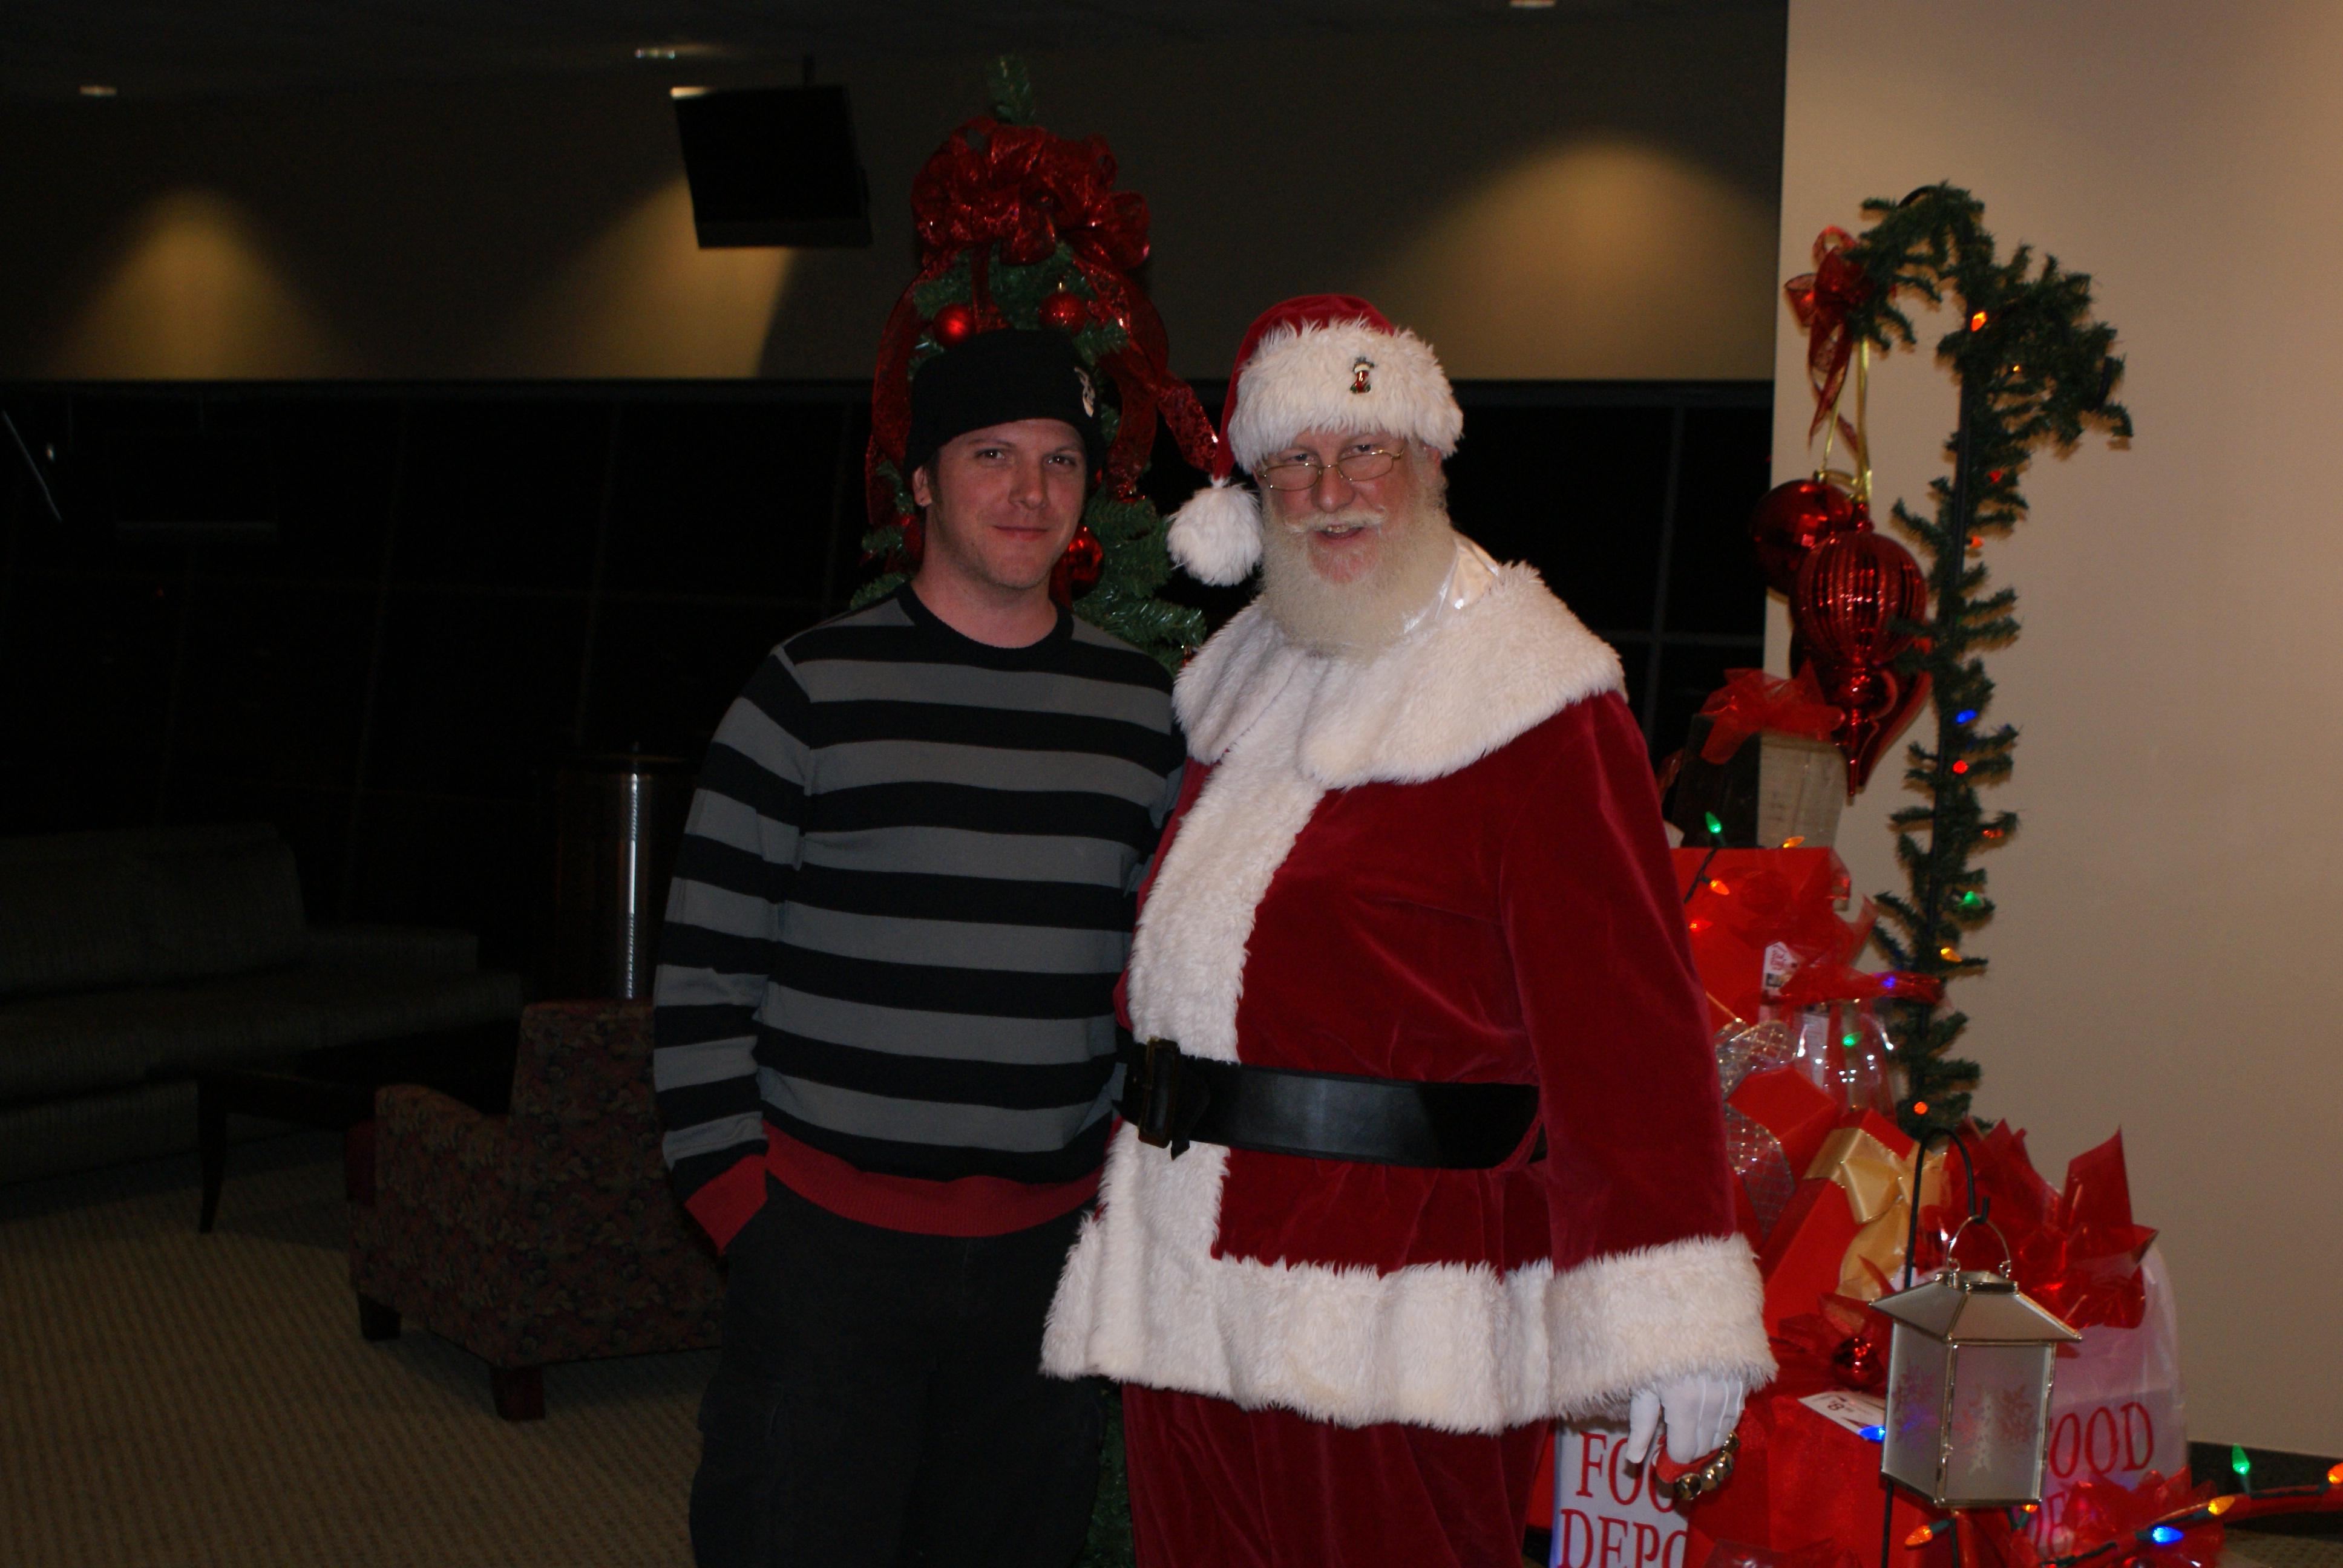 holiday cheer at Atlanta Motor Speedway